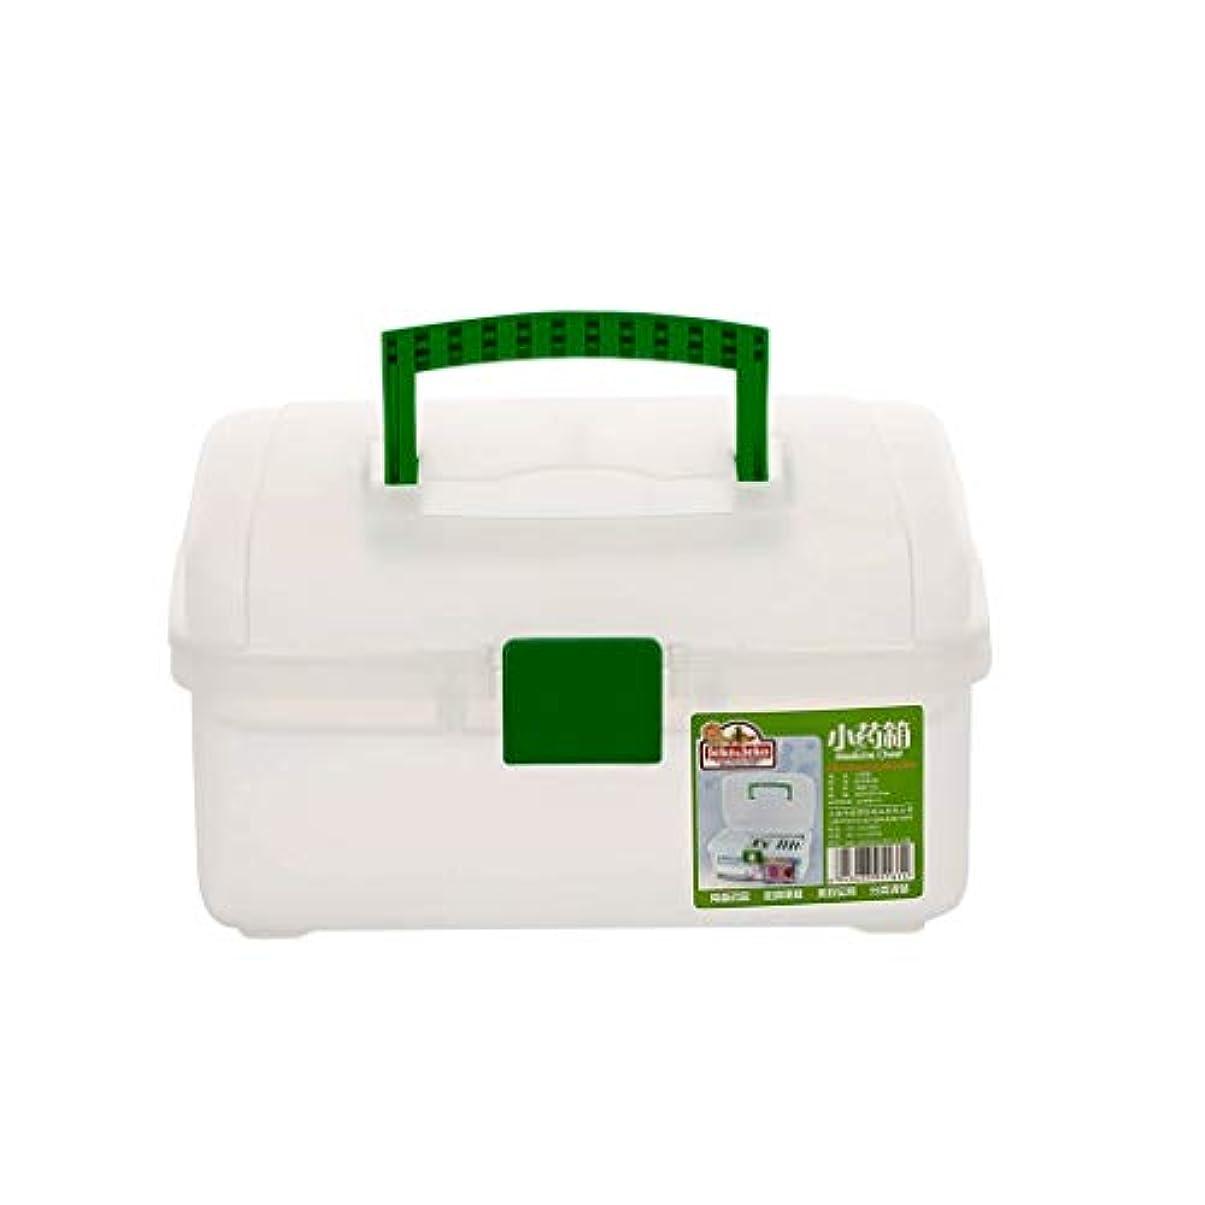 ほめるアクチュエータ顎LWBUKK 薬箱、家庭用大型外来プラスチック収納箱、家族用救急箱 医療箱